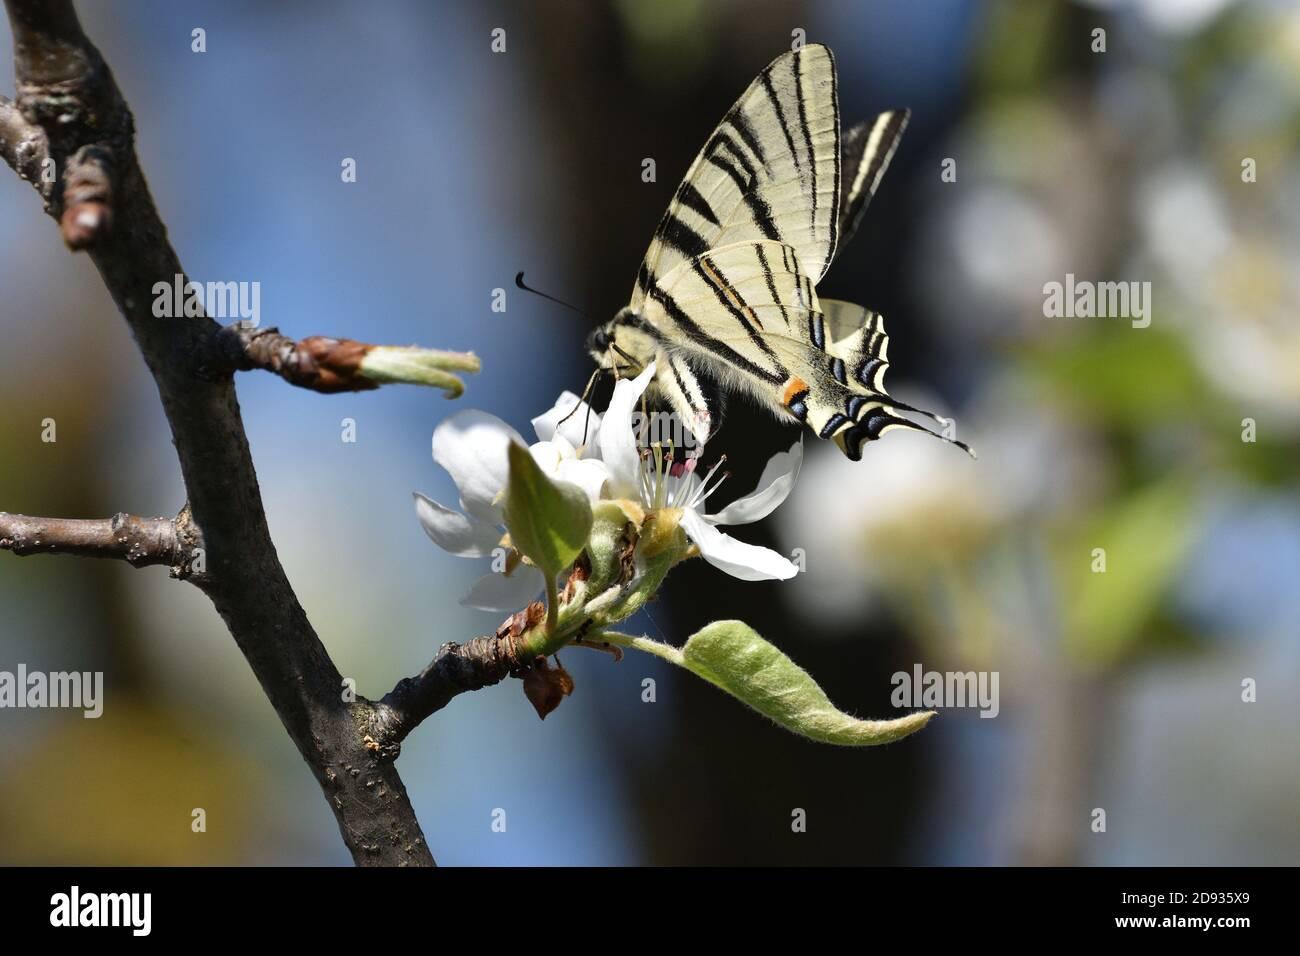 Espécimen aislado de escaso swallowtail, (Iphiclides podalirius) mientras se chupa néctar de las flores de una planta de pera. Foto de stock